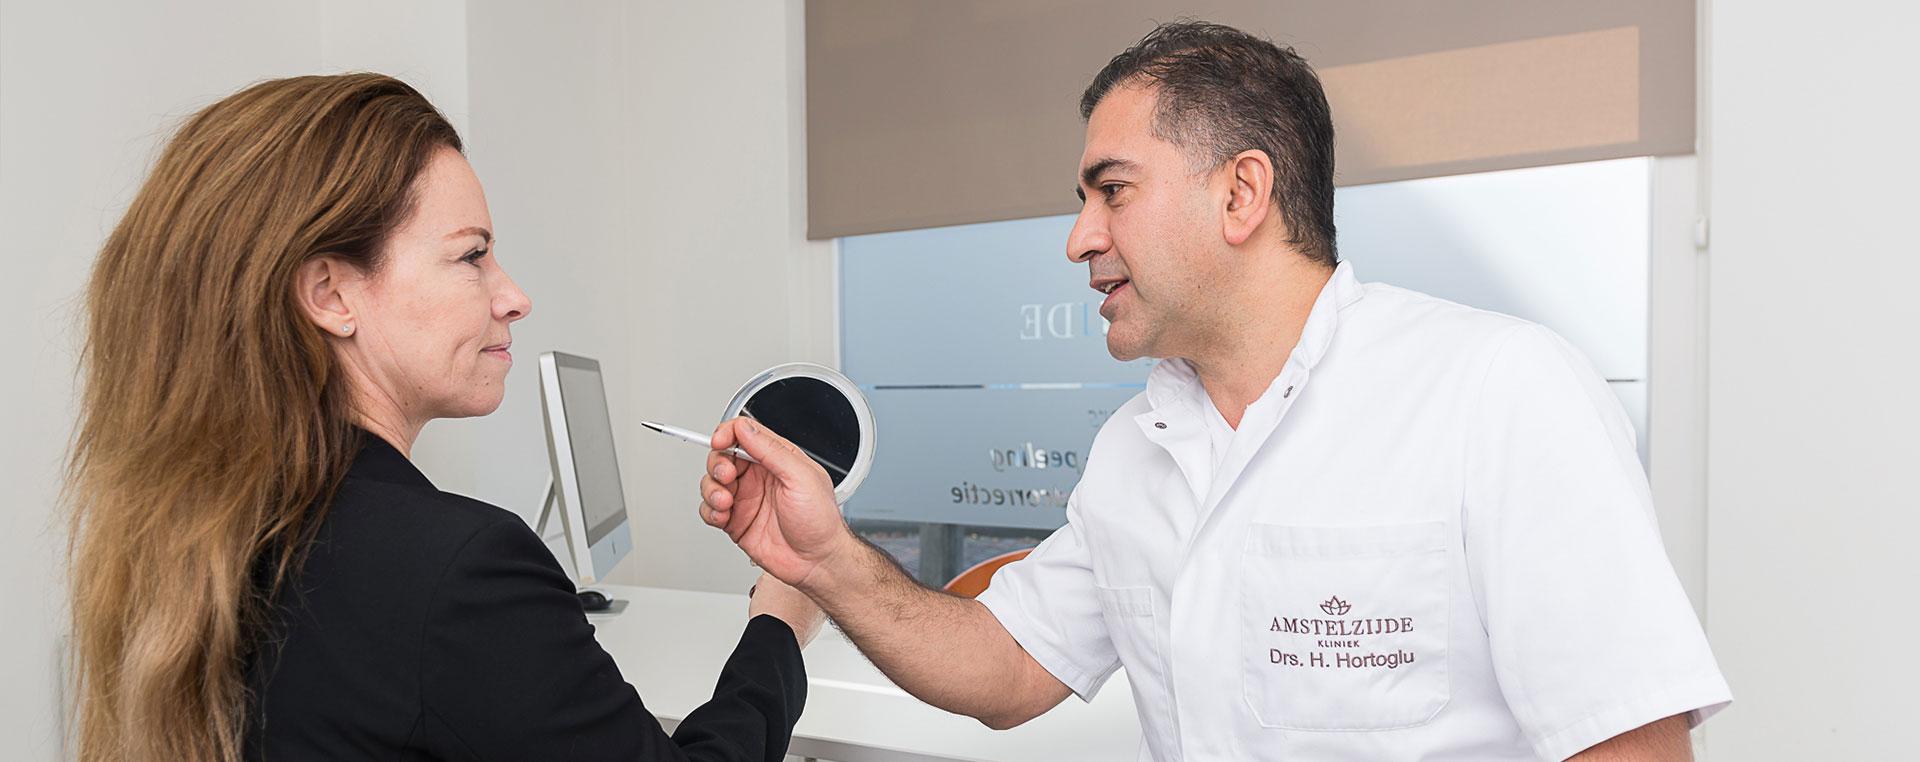 Botox consultatie